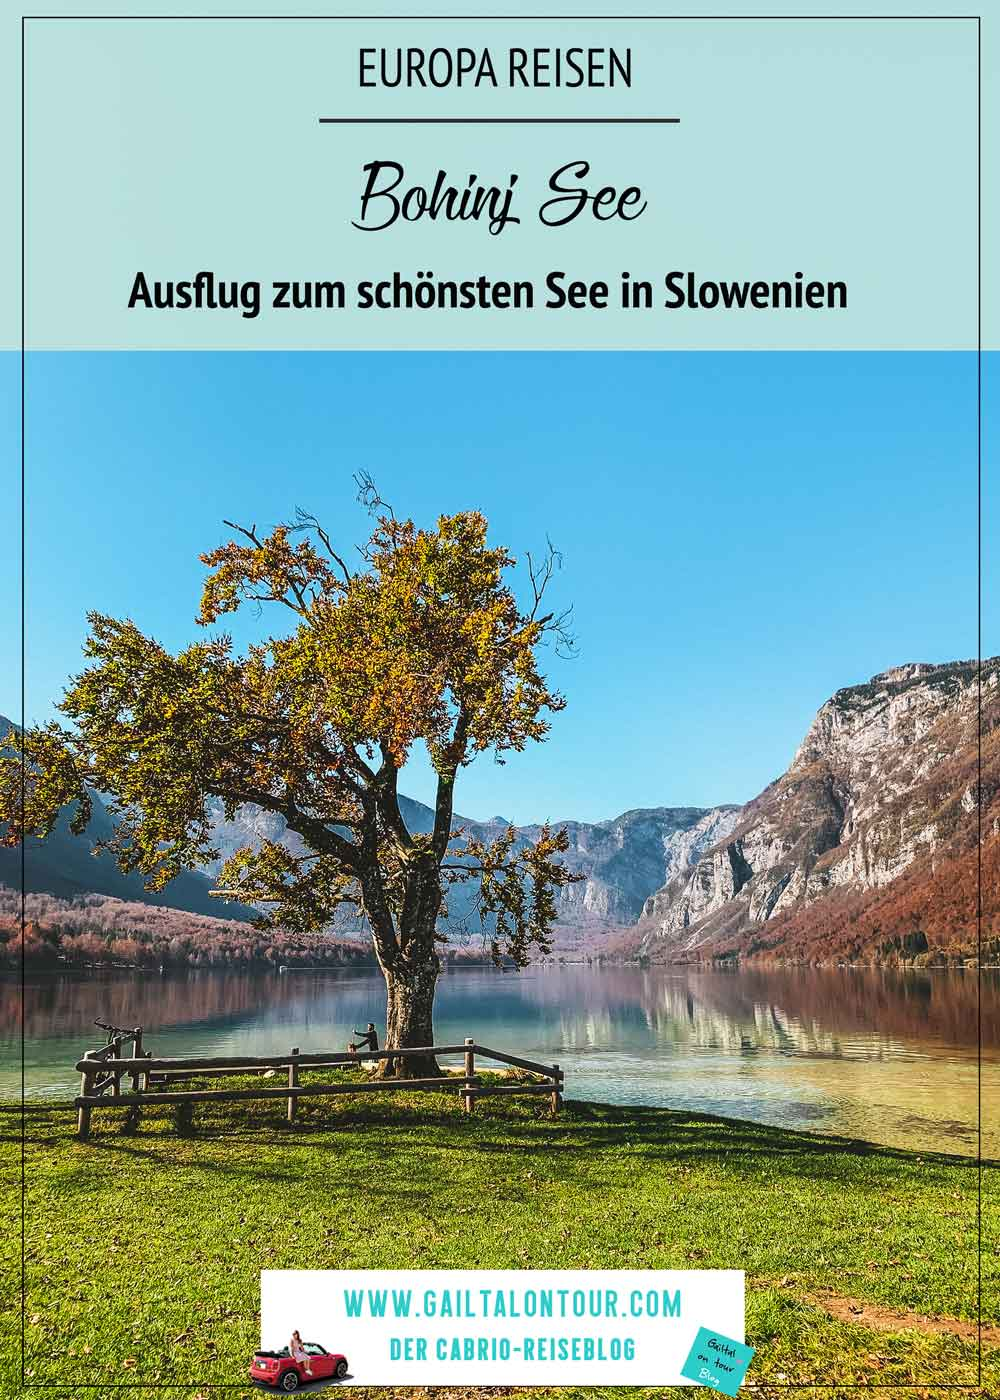 bohinj-see-slowenien-reisen